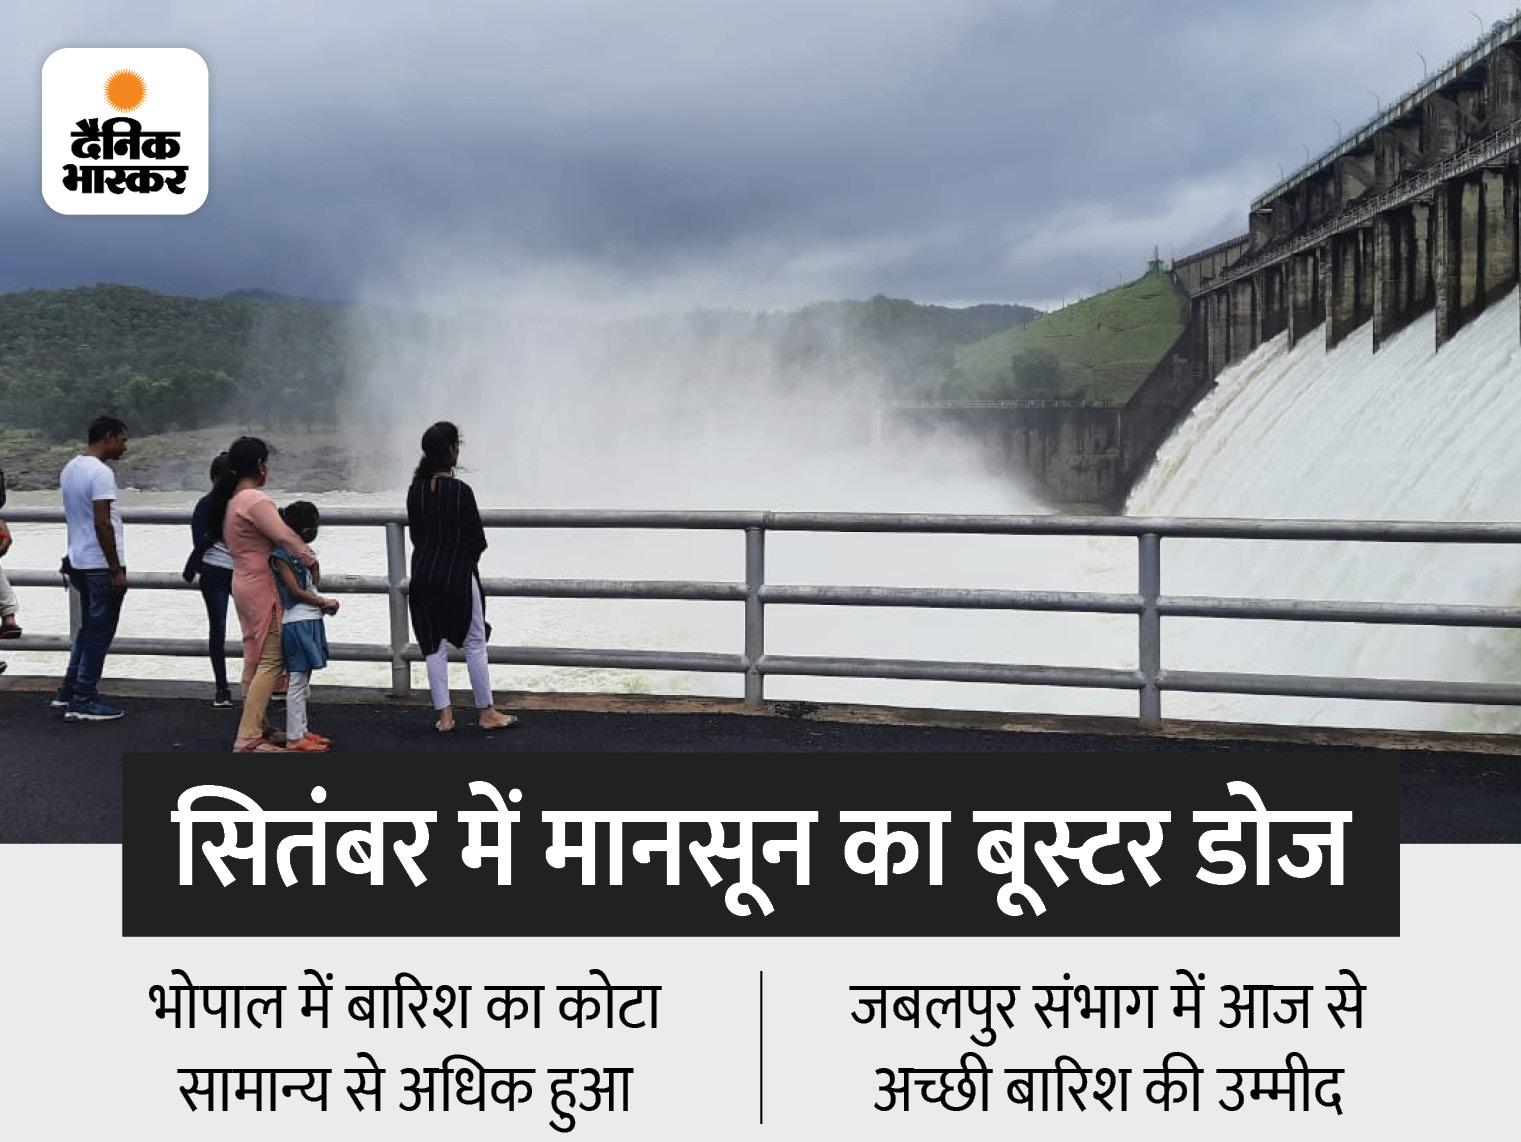 सितंबर के 16 दिन में 5.5 इंच बारिश ने इंदौर समेत 7 जिलों को सूखे से उबारा; जबलपुर सहित 10 जिले बारिश को तरसे|मध्य प्रदेश,Madhya Pradesh - Dainik Bhaskar